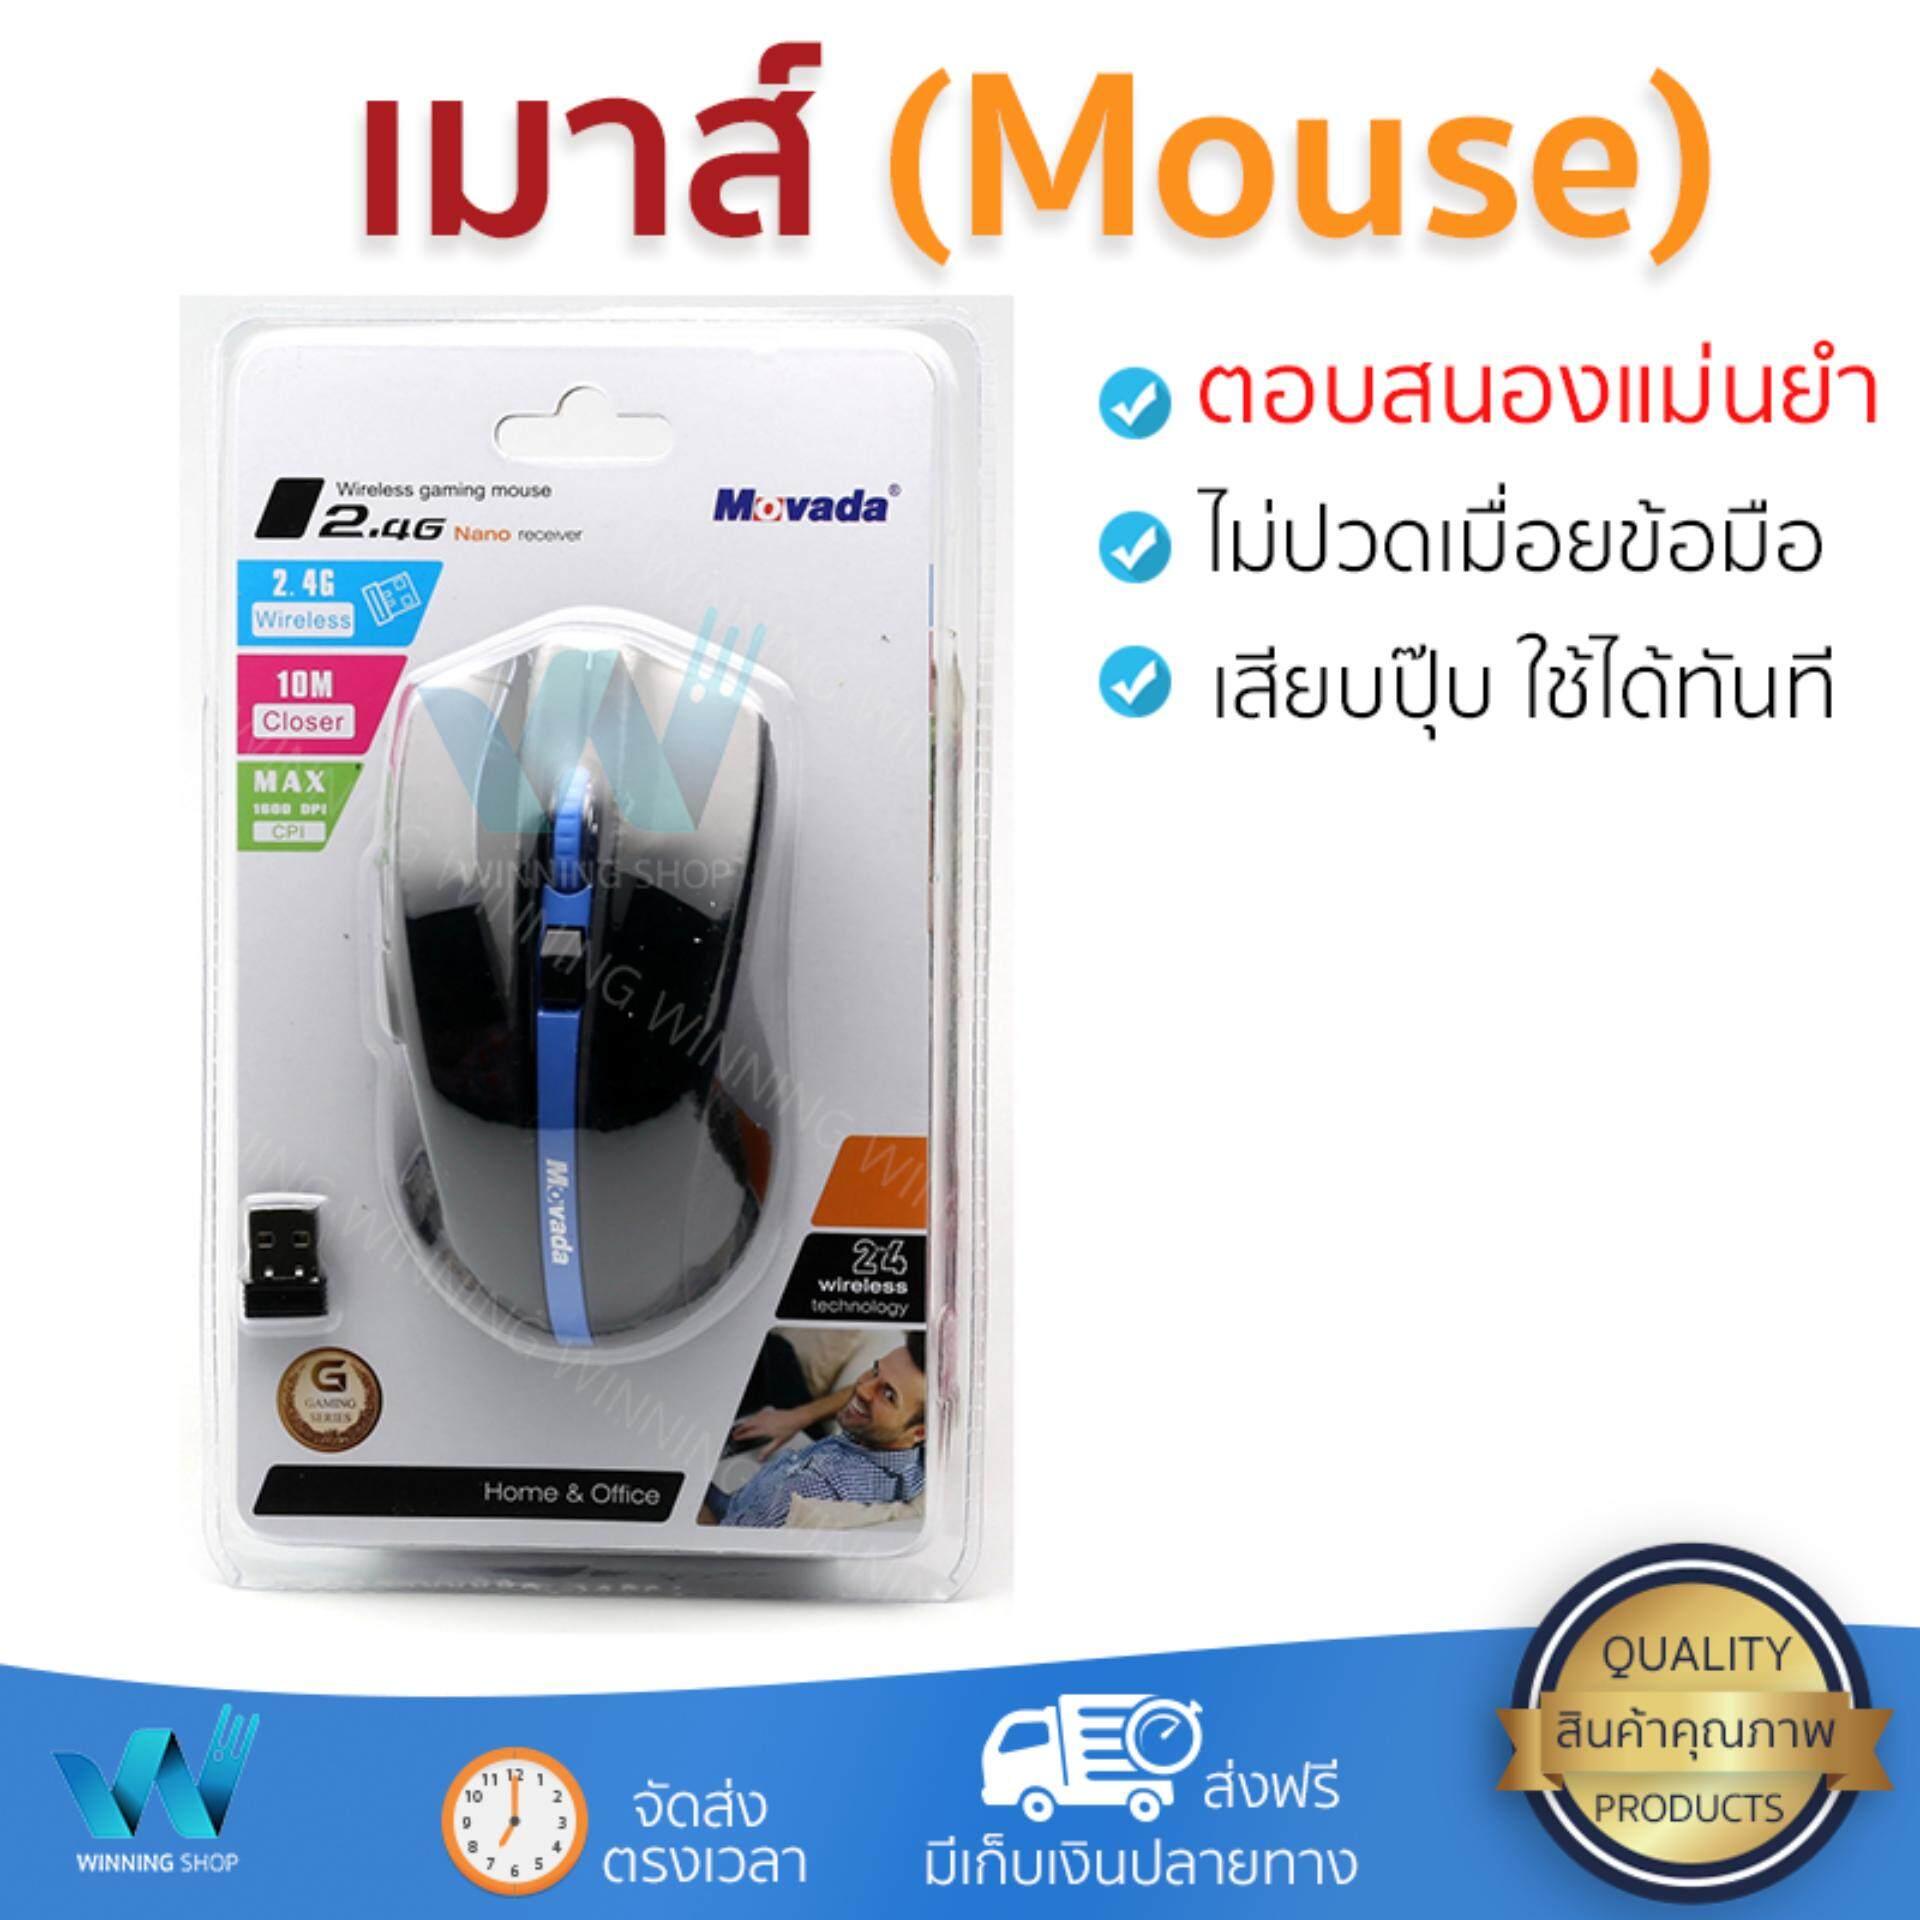 ลดสุดๆ รุ่นใหม่ล่าสุด เมาส์           MOVADA เมาส์เกมไร้สาย (สีดำ) รุ่น MO-202             เซนเซอร์คุณภาพสูง ทำงานได้ลื่นไหล ไม่มีสะดุด Computer Mouse  รับประกันสินค้า 1 ปี จัดส่งฟรี Kerry ทั่วประเทศ